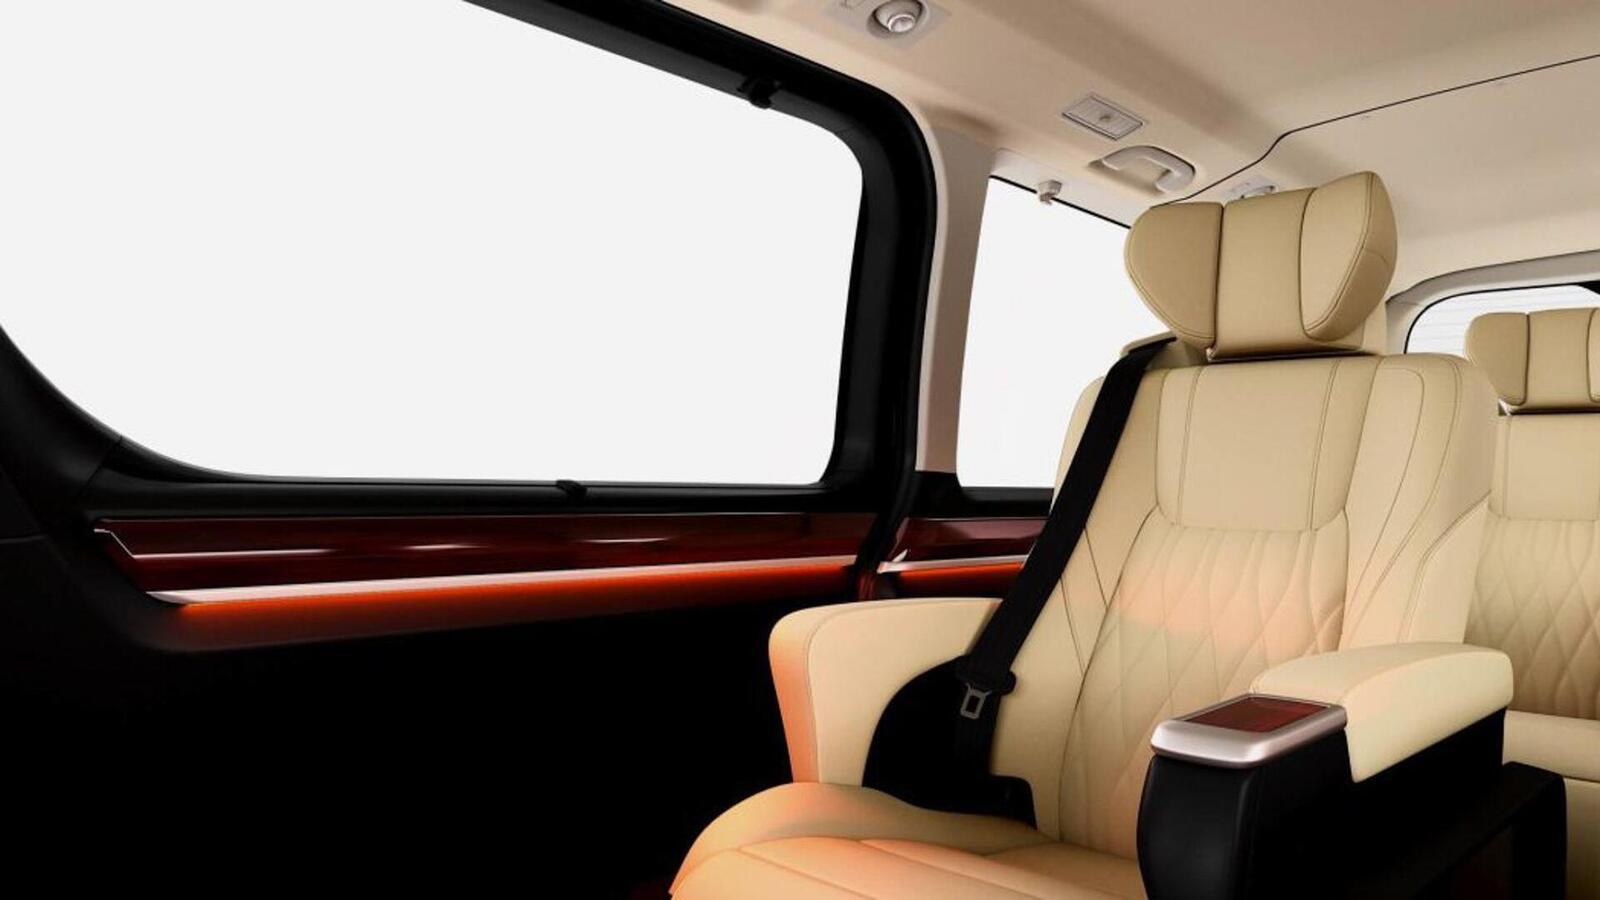 Xem trước MPV Toyota Granvia sắp được ra mắt: Định vị dưới Alphard một bậc - Hình 4